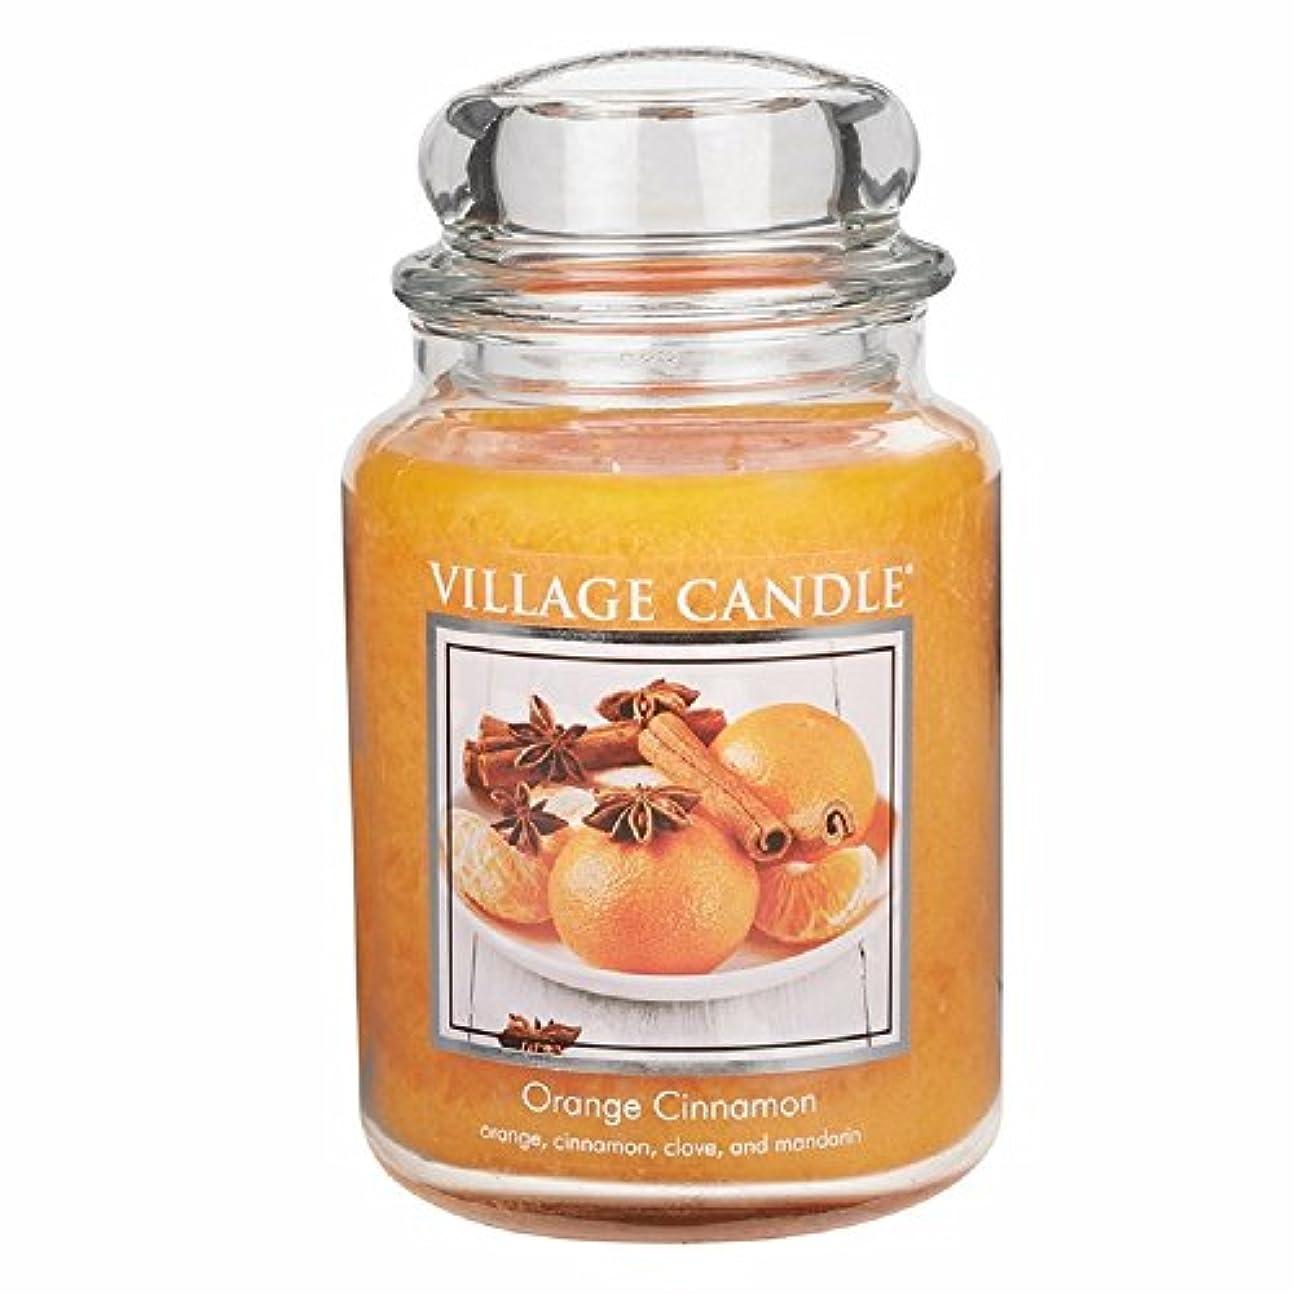 ぐったり圧縮された交通渋滞オレンジシナモン26オンスプレミアムラウンドJar Candle by村キャンドル